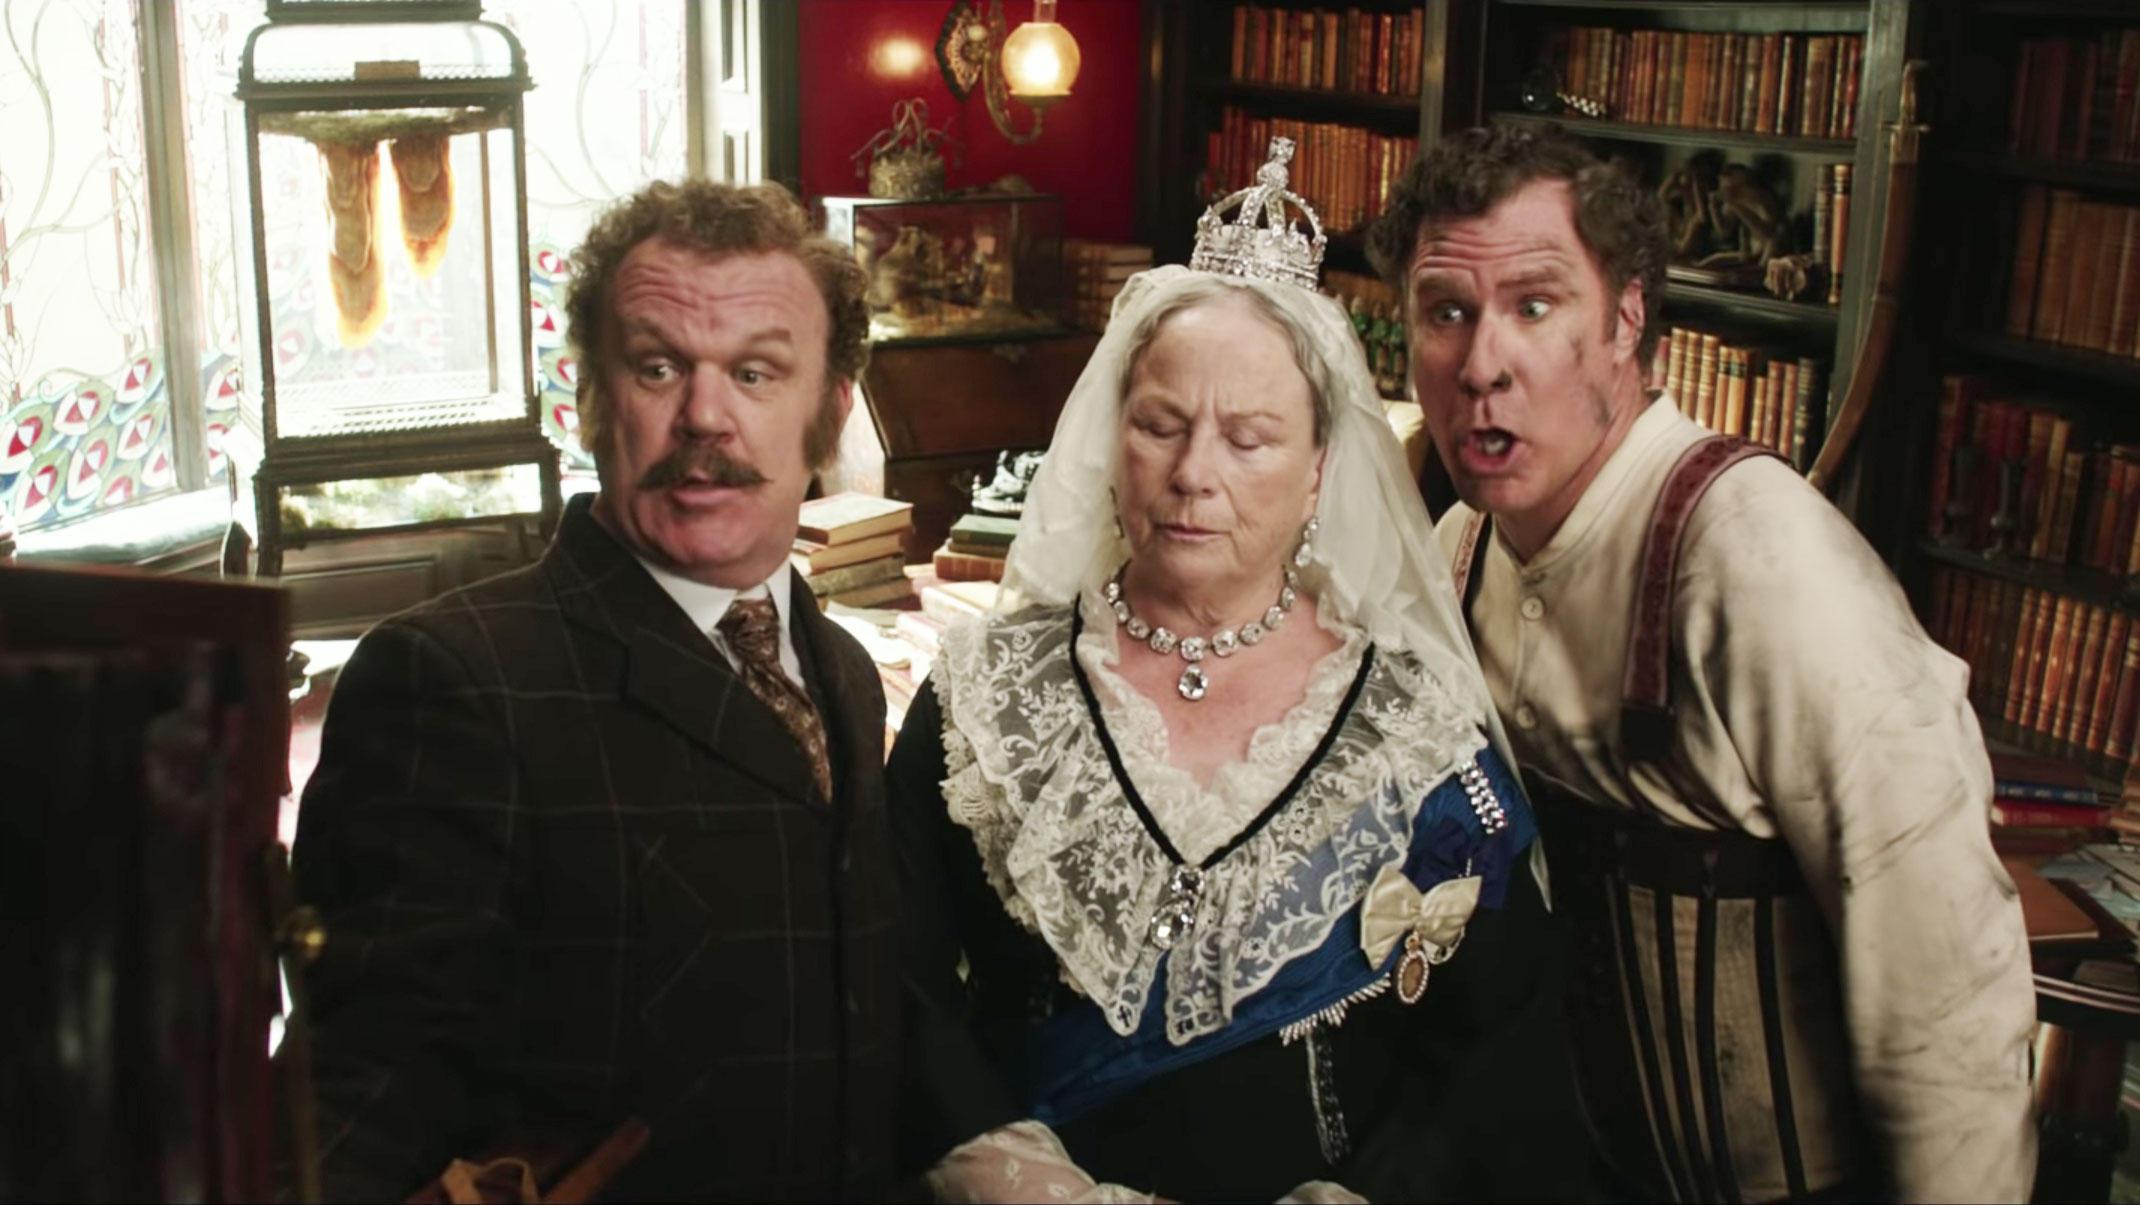 Holmes and Watson trailer breakdown; Sherlock, comedy, Will Ferrell, John C Reilly